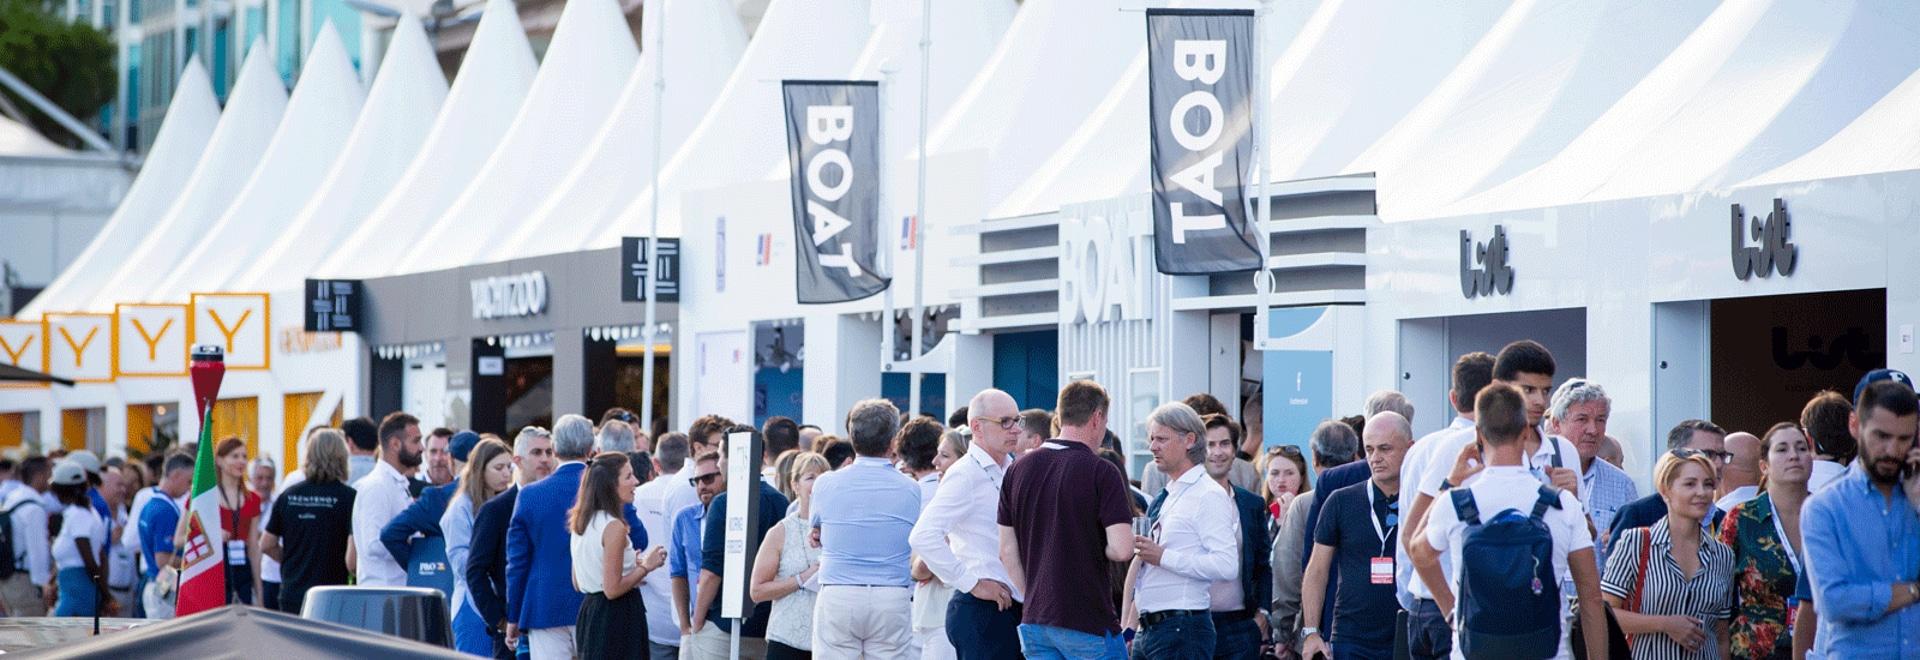 BOAT International lanciert als Reaktion auf Coronavirus die grösste virtuelle Bootsmesse der Branche